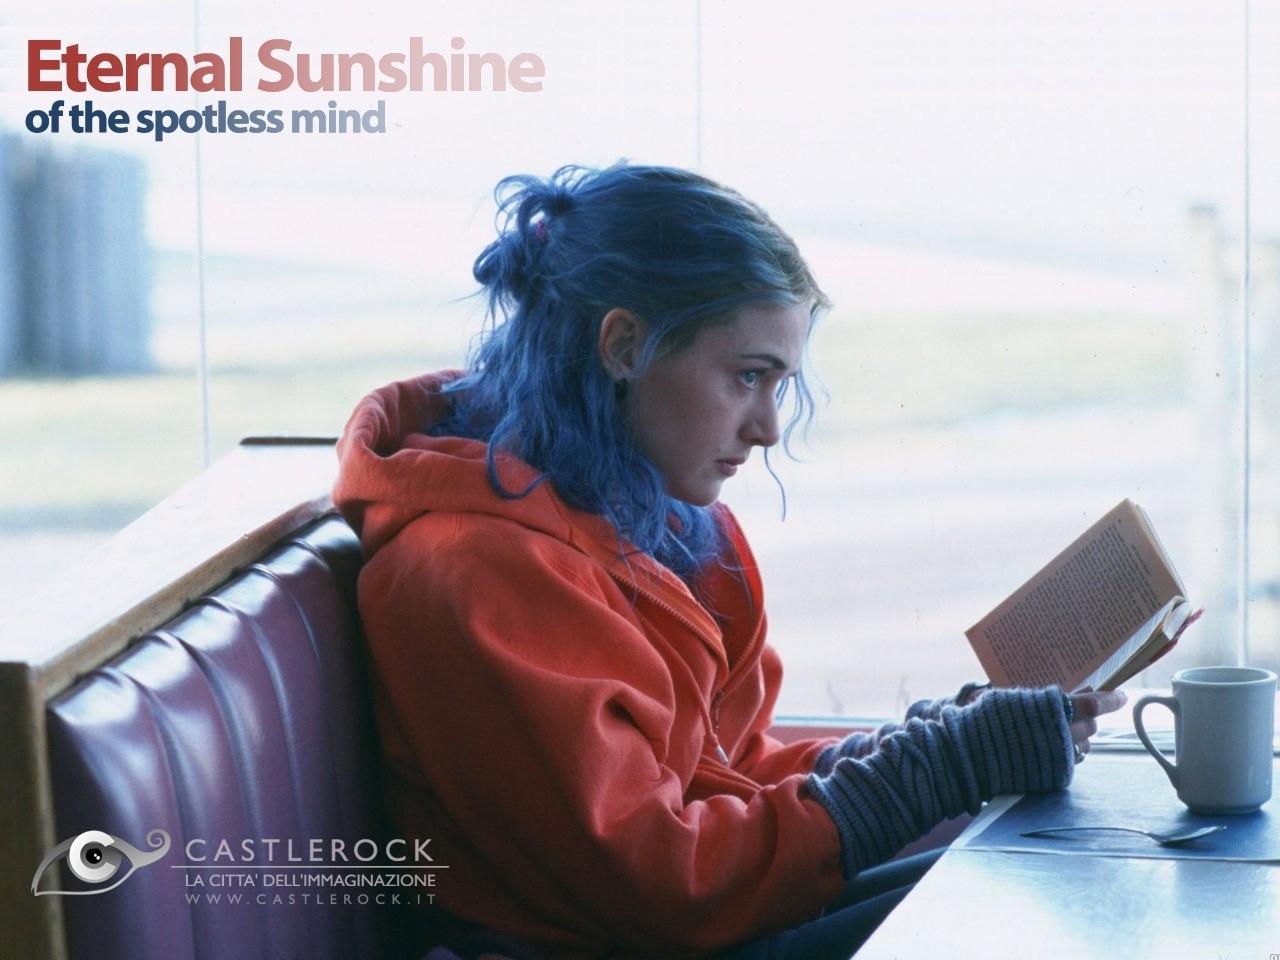 Wallpaper del film Eternal Sunshine of the Spotless Mind